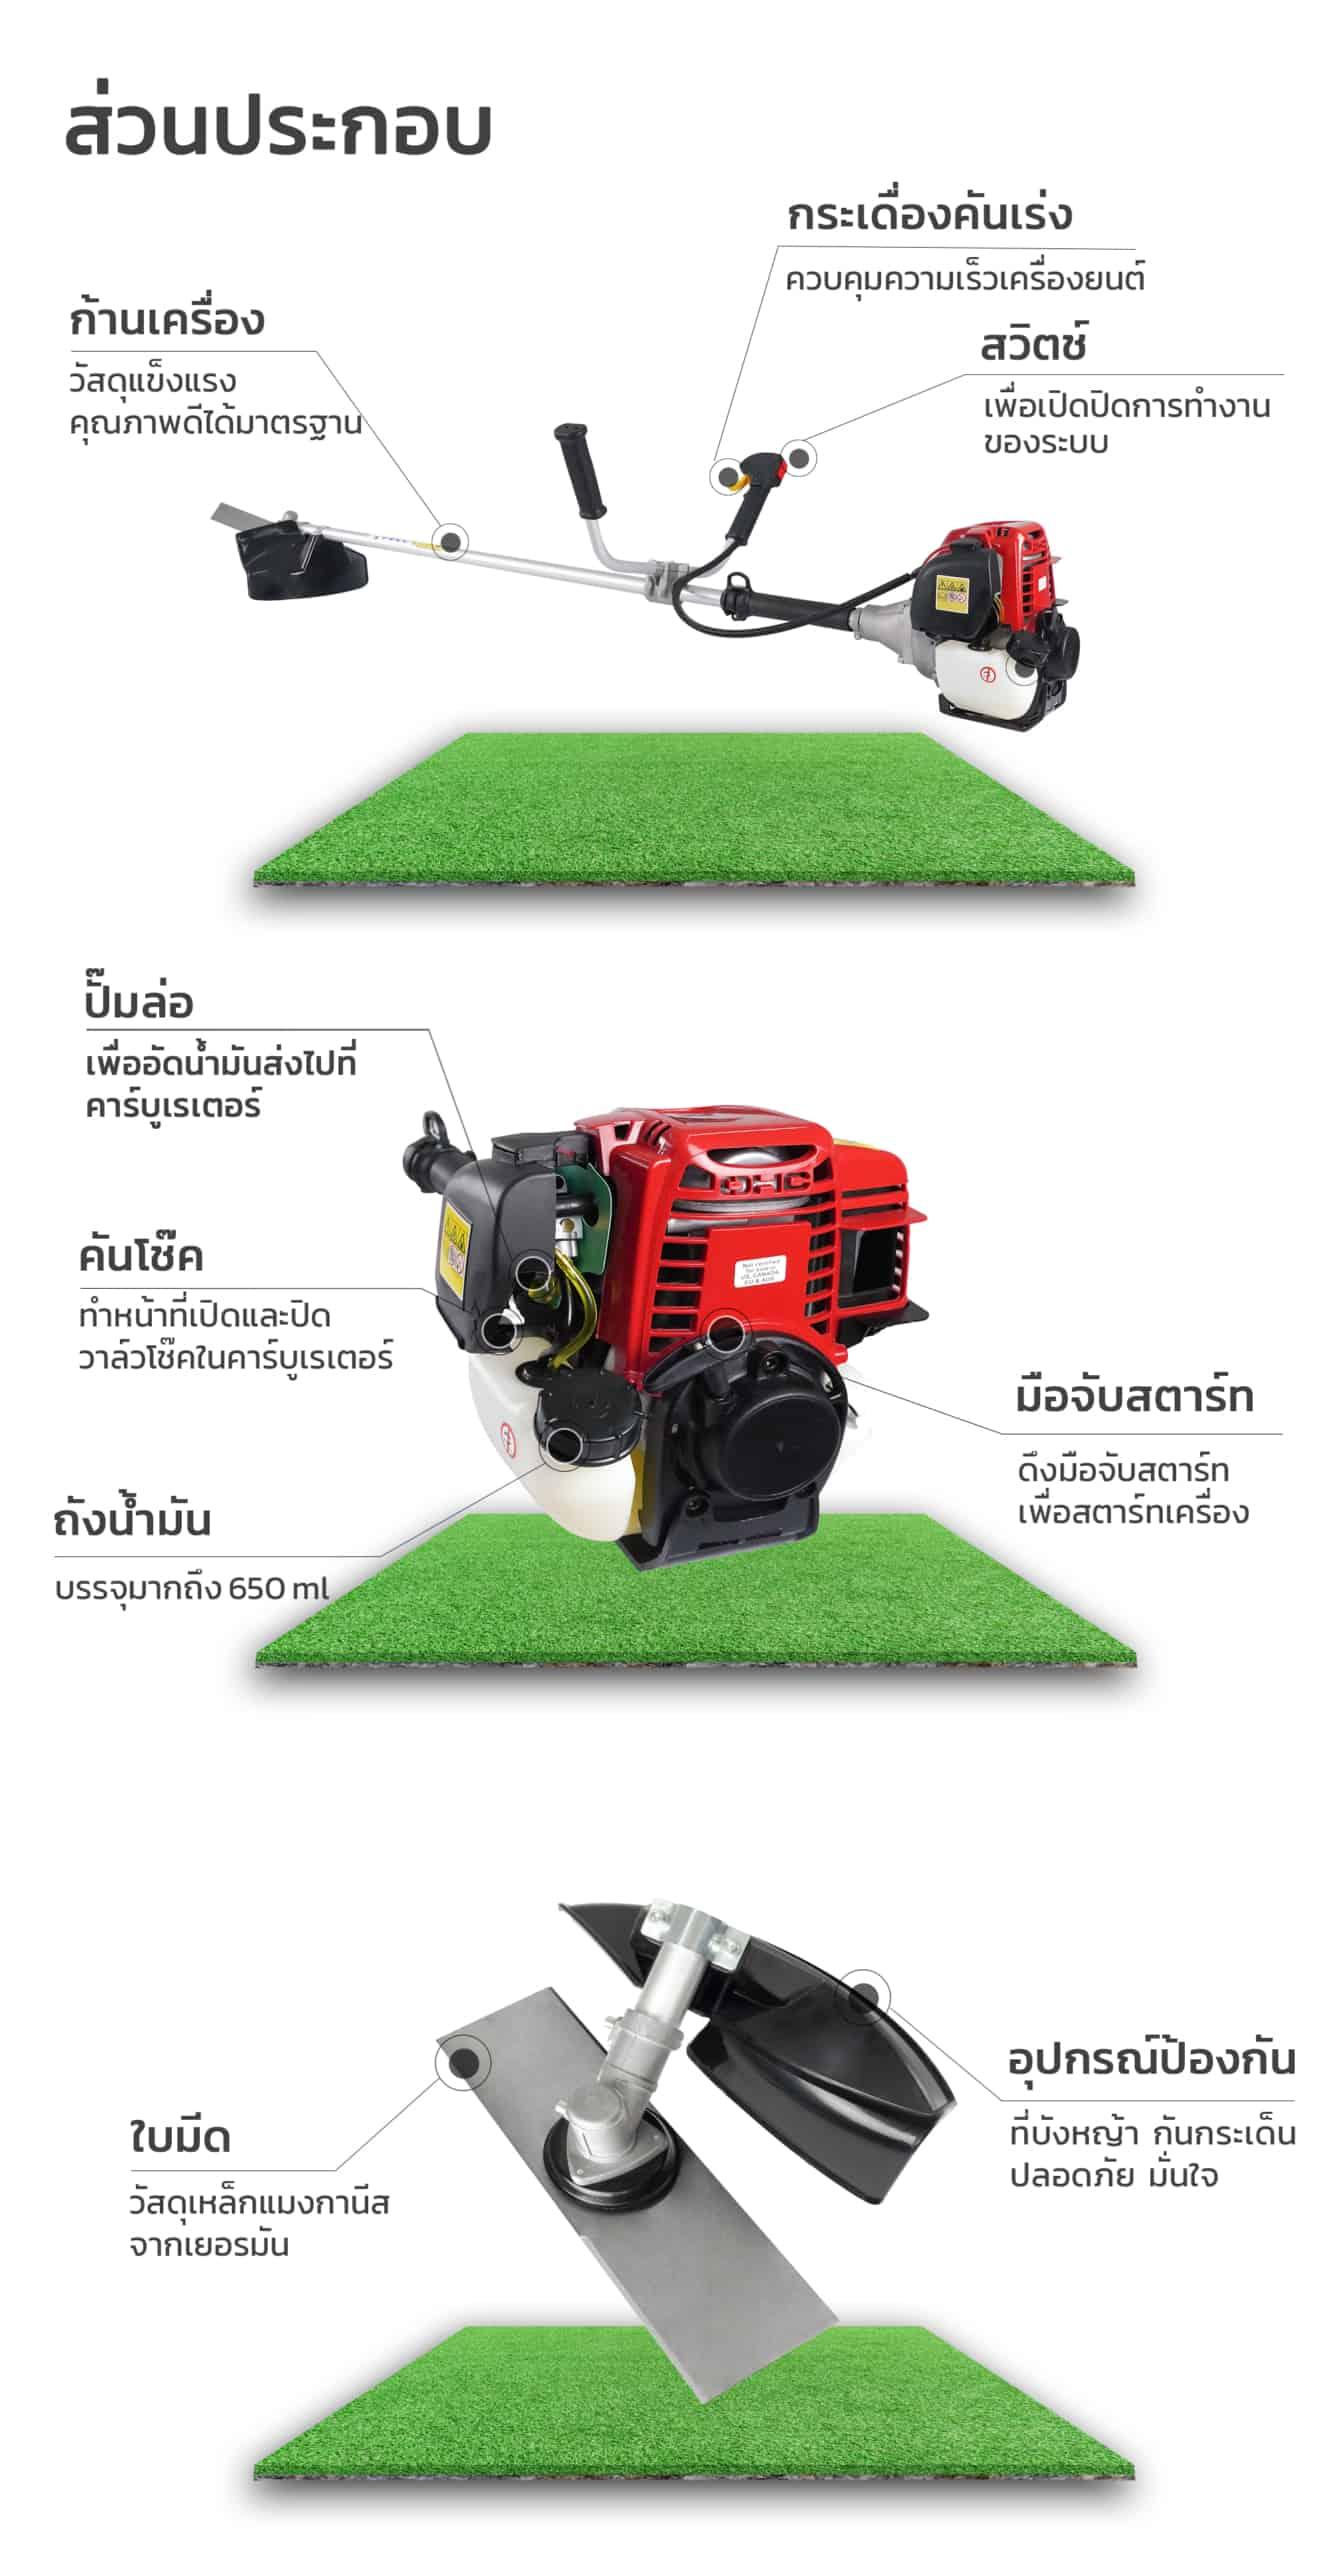 เครื่องตัดหญ้า-4-จังหวะ-ส่วนประกอบ